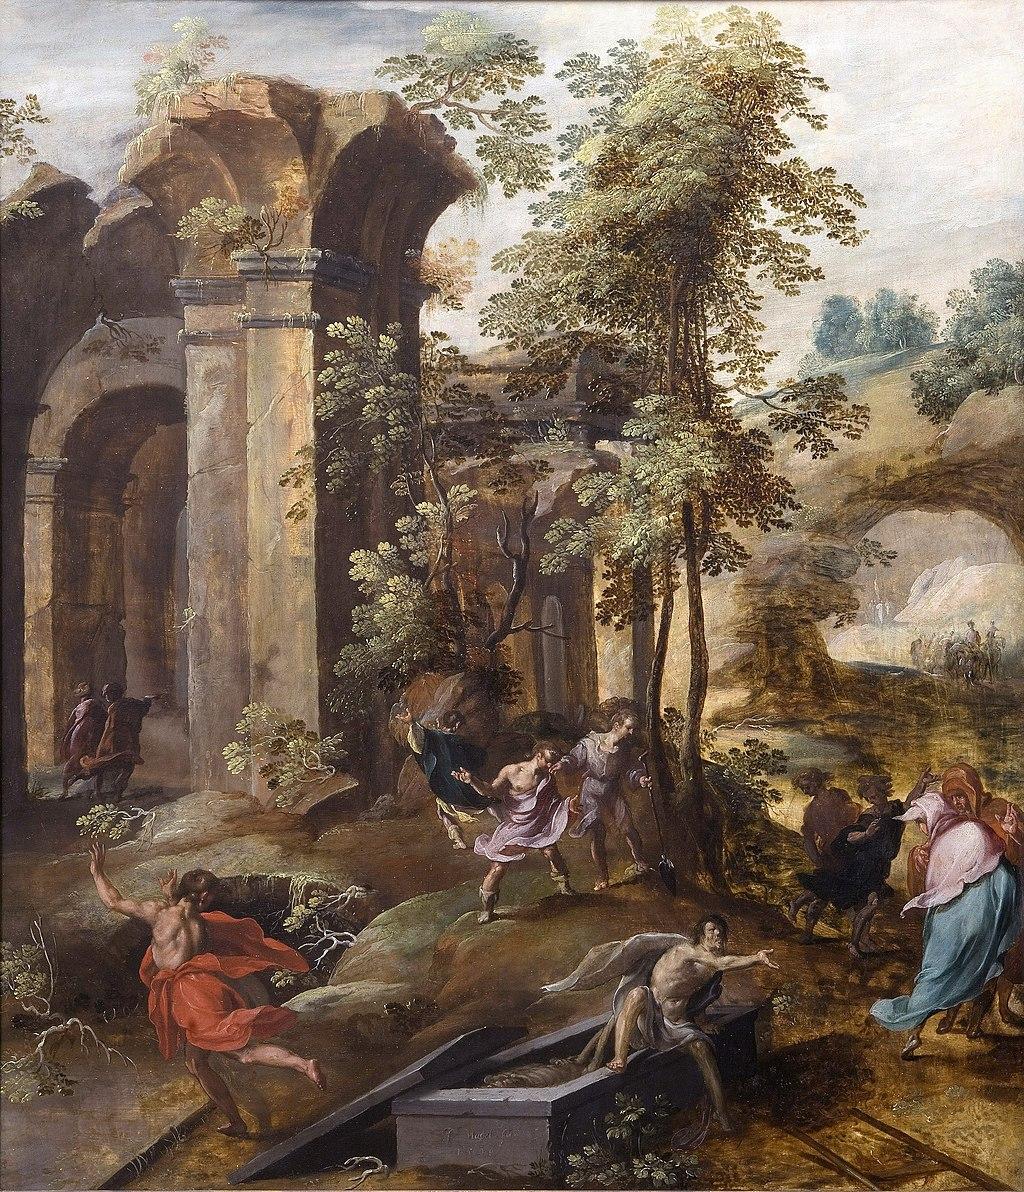 엘리사의 무뎀에서의 기적 (얀 나겔, 1596년)